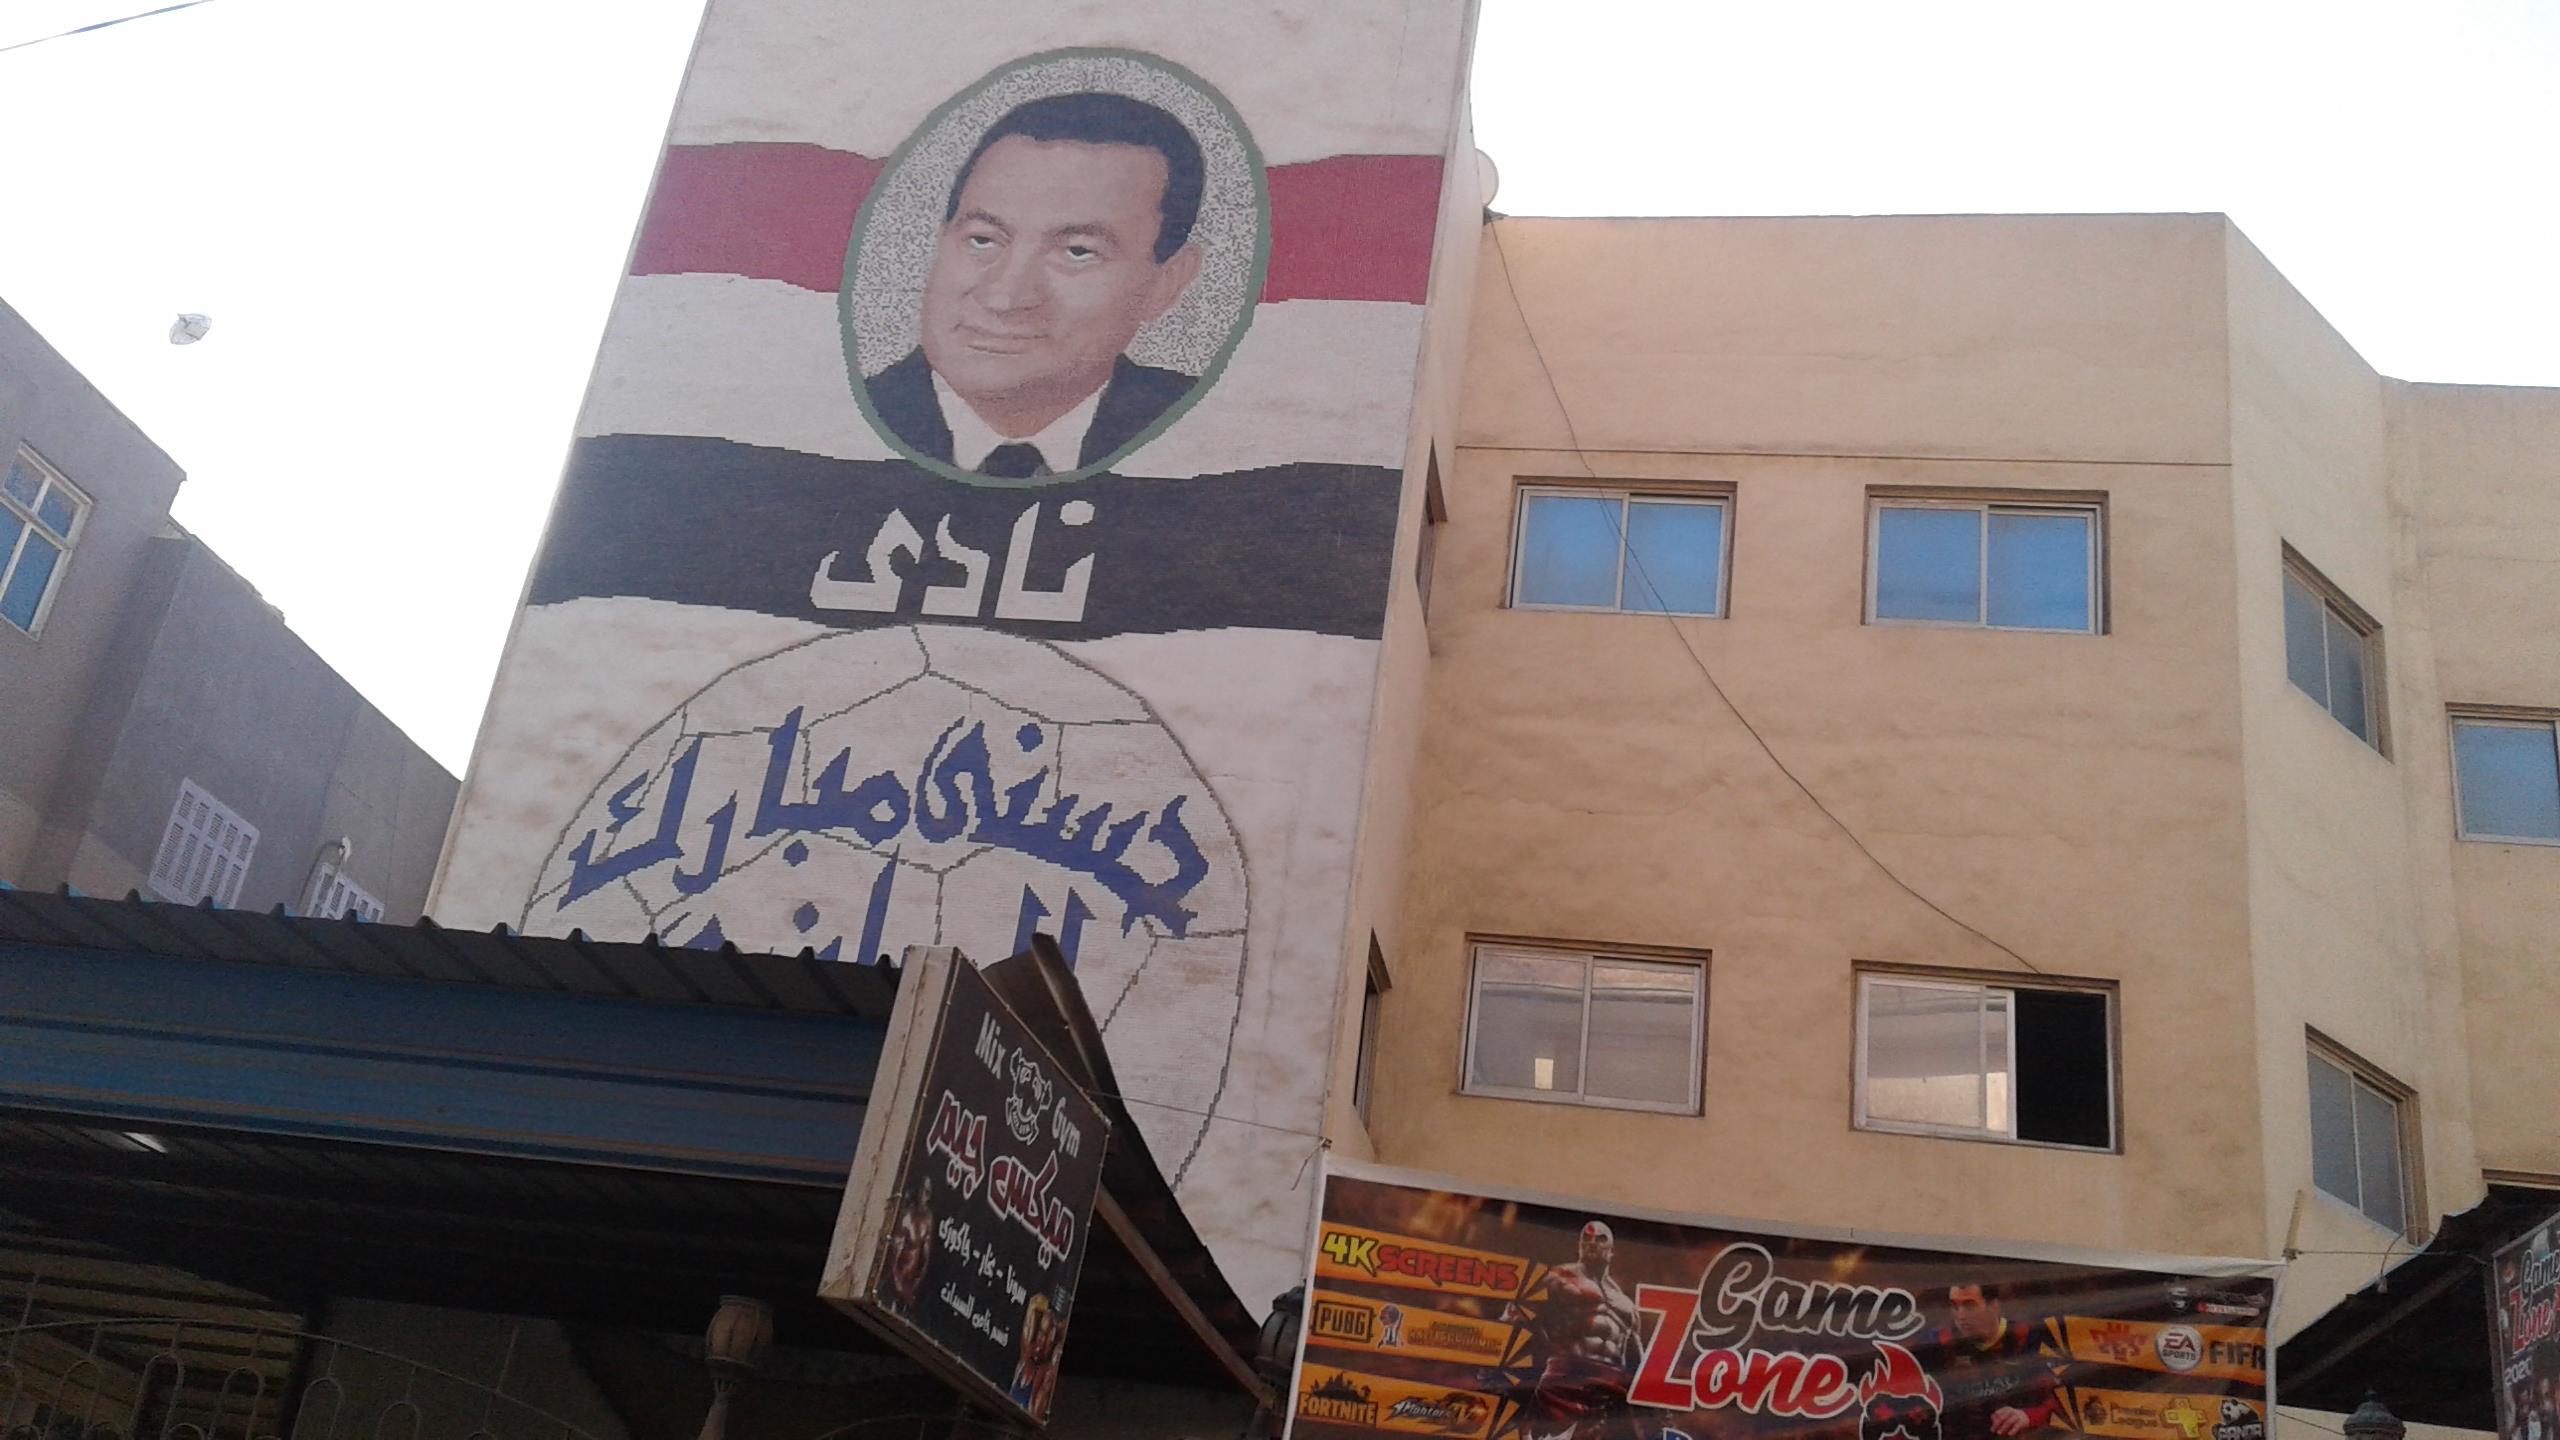 صور الرئيس الأسبق تزين مبنى النادى الرياضى (3)